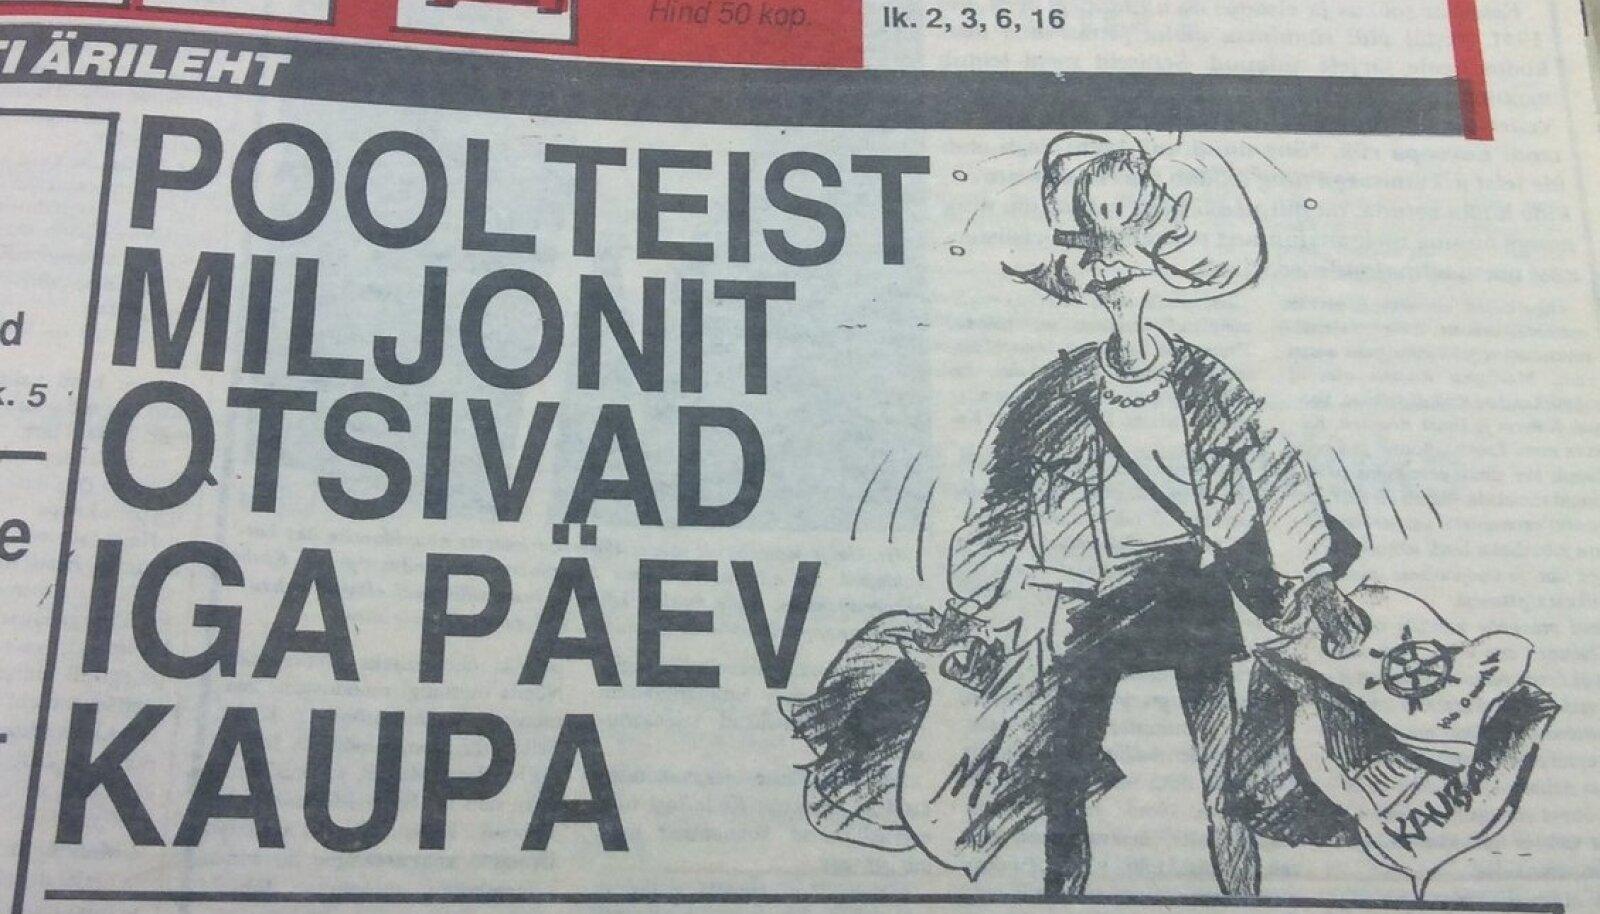 Toonane Äripäeva karikatuur väljendab 1991. aasta olukorda.